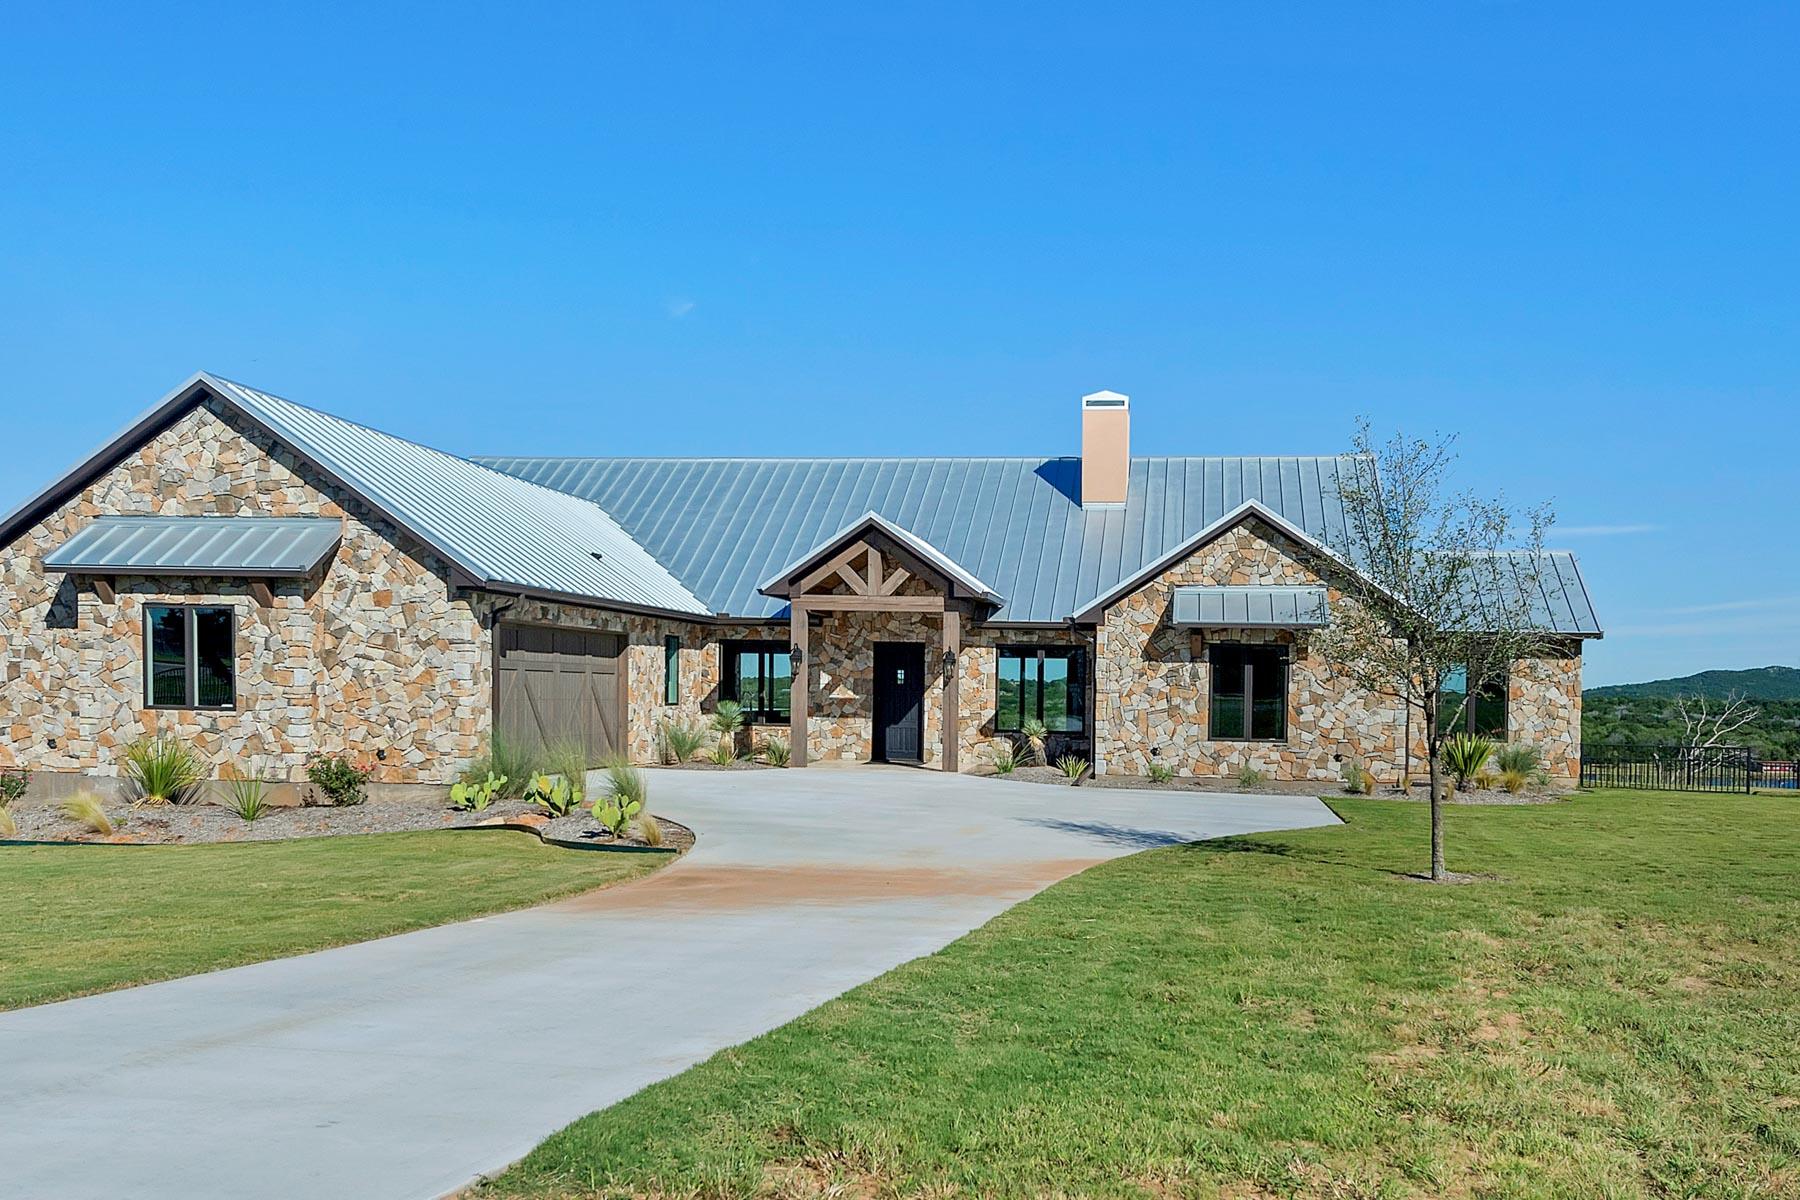 Casa Unifamiliar por un Venta en 6033 Hells Gate Loop, Strawn Strawn, Texas, 76475 Estados Unidos